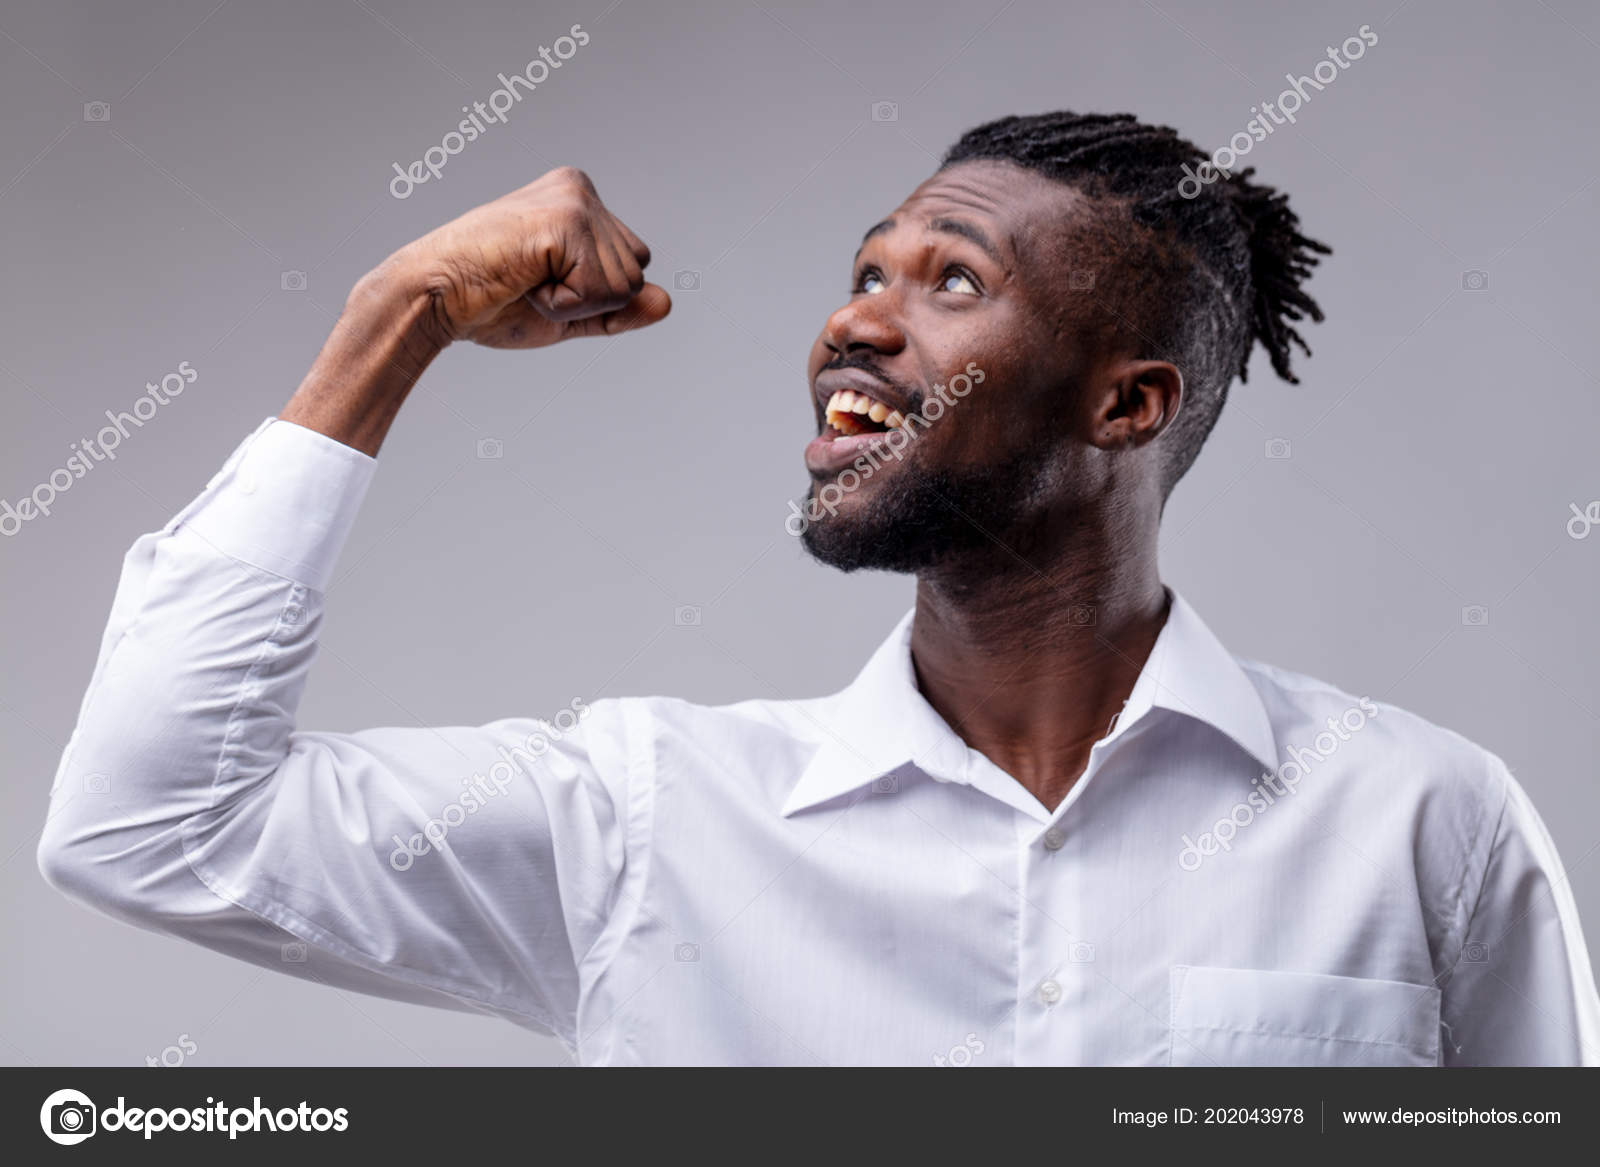 A good black man